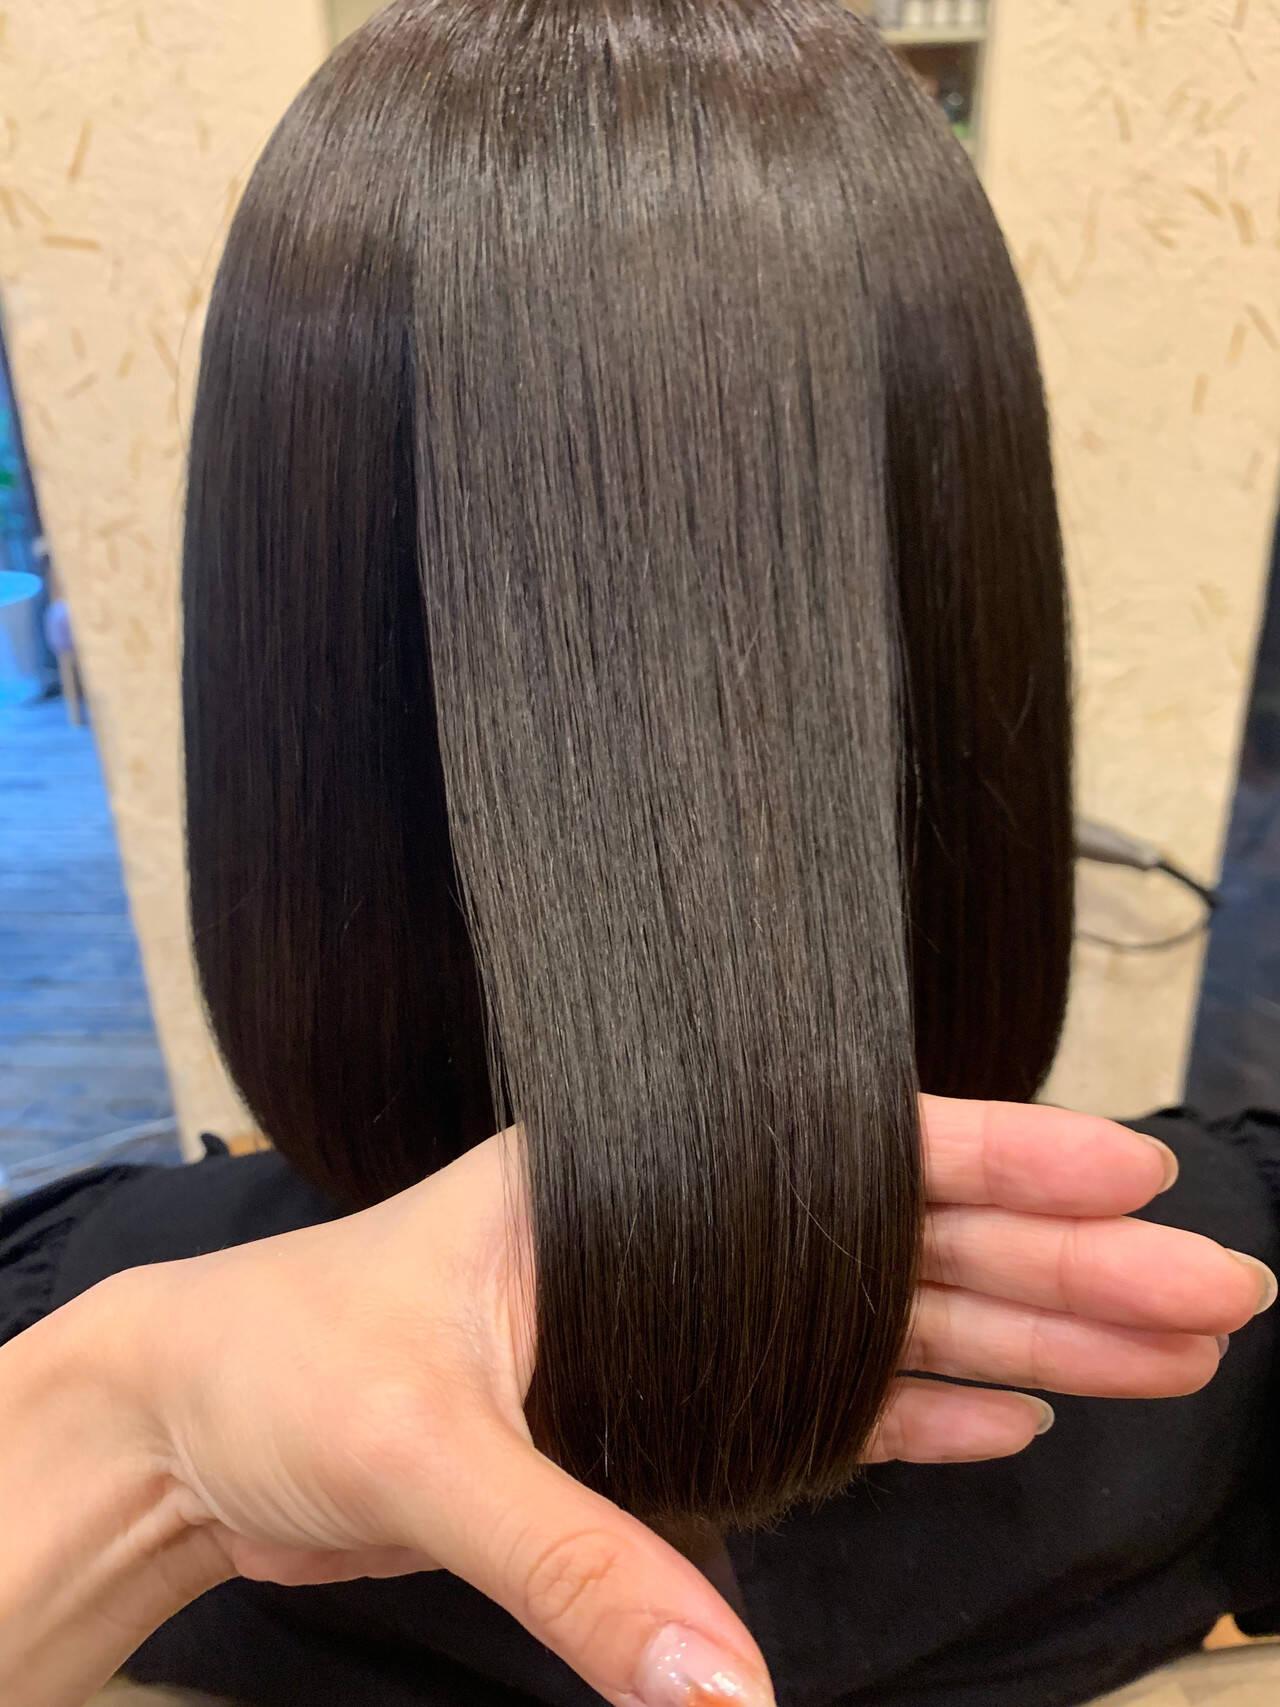 ミディアム 髪質改善 ナチュラル 髪質改善トリートメントヘアスタイルや髪型の写真・画像